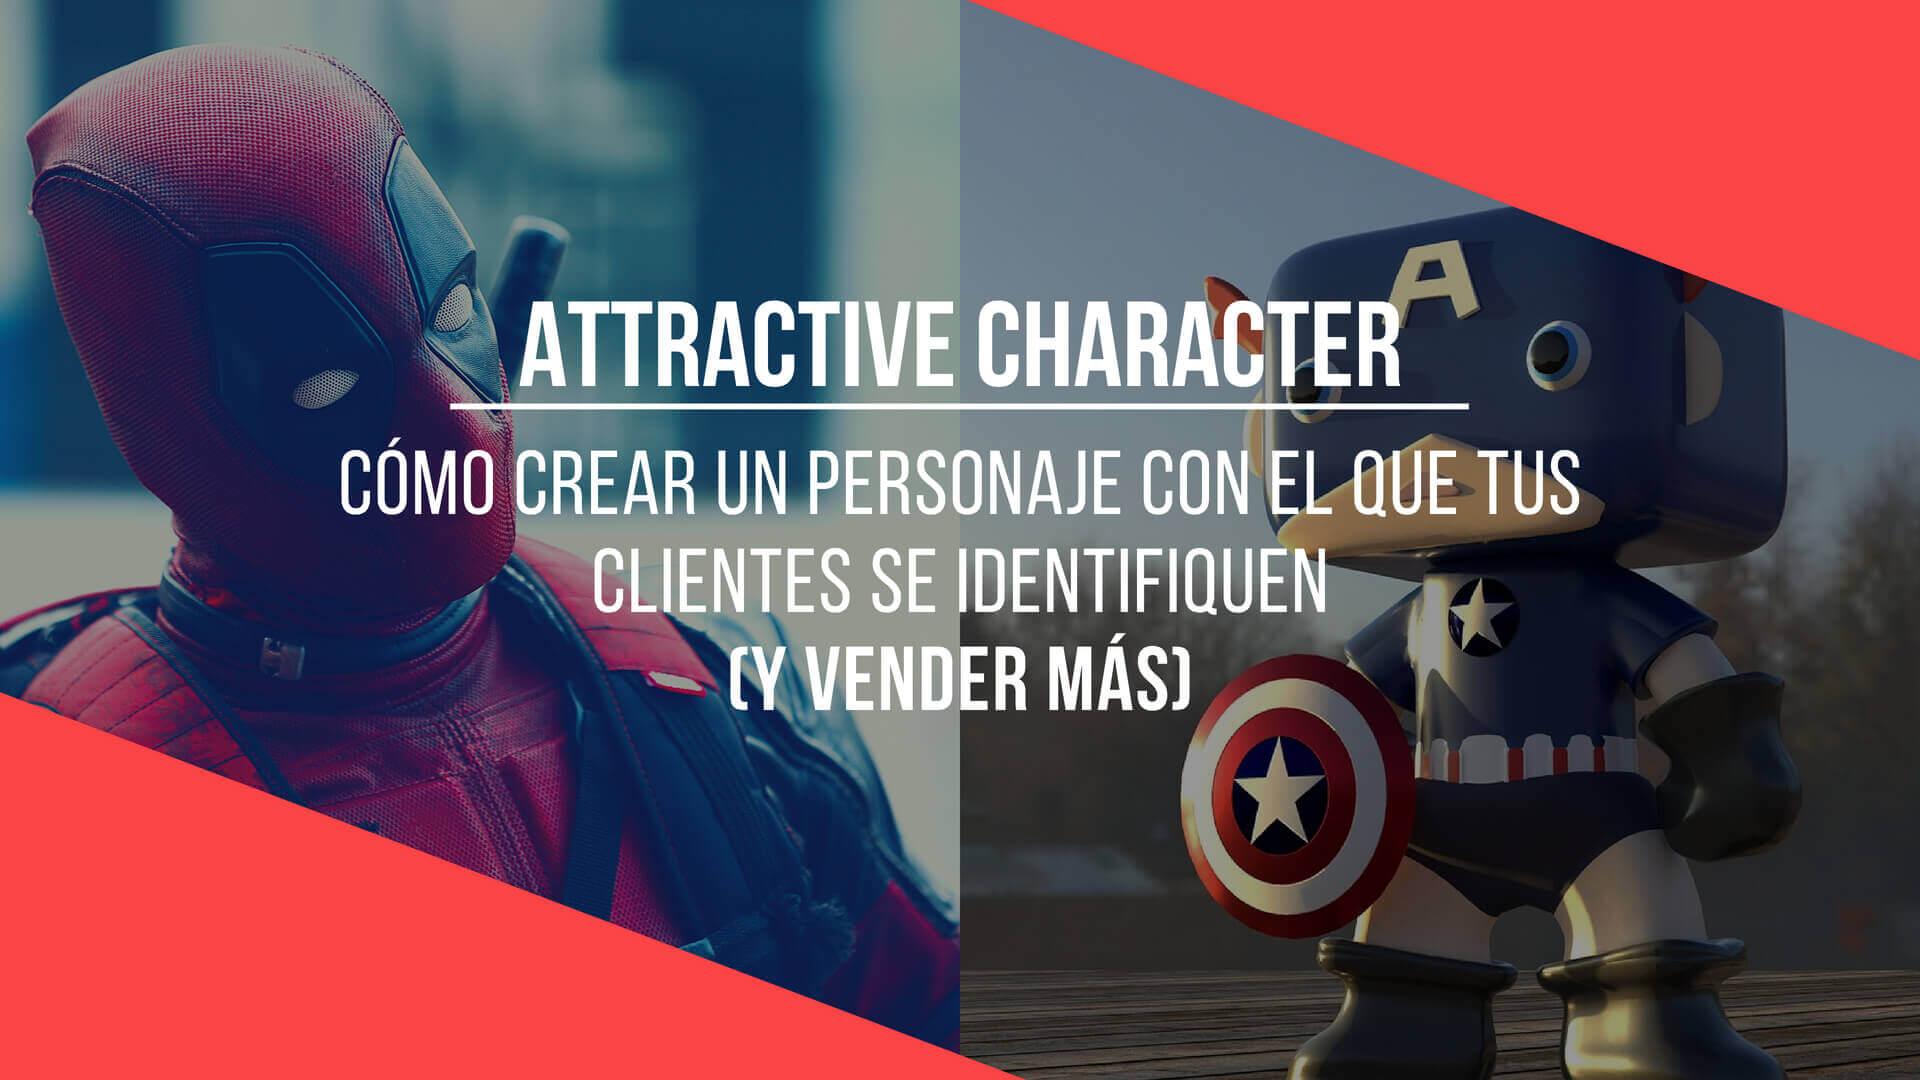 ATTRACTIVE CHARACTER – Cómo crear un personaje con el que tus clientes se identifiquen y usarlo para vender más